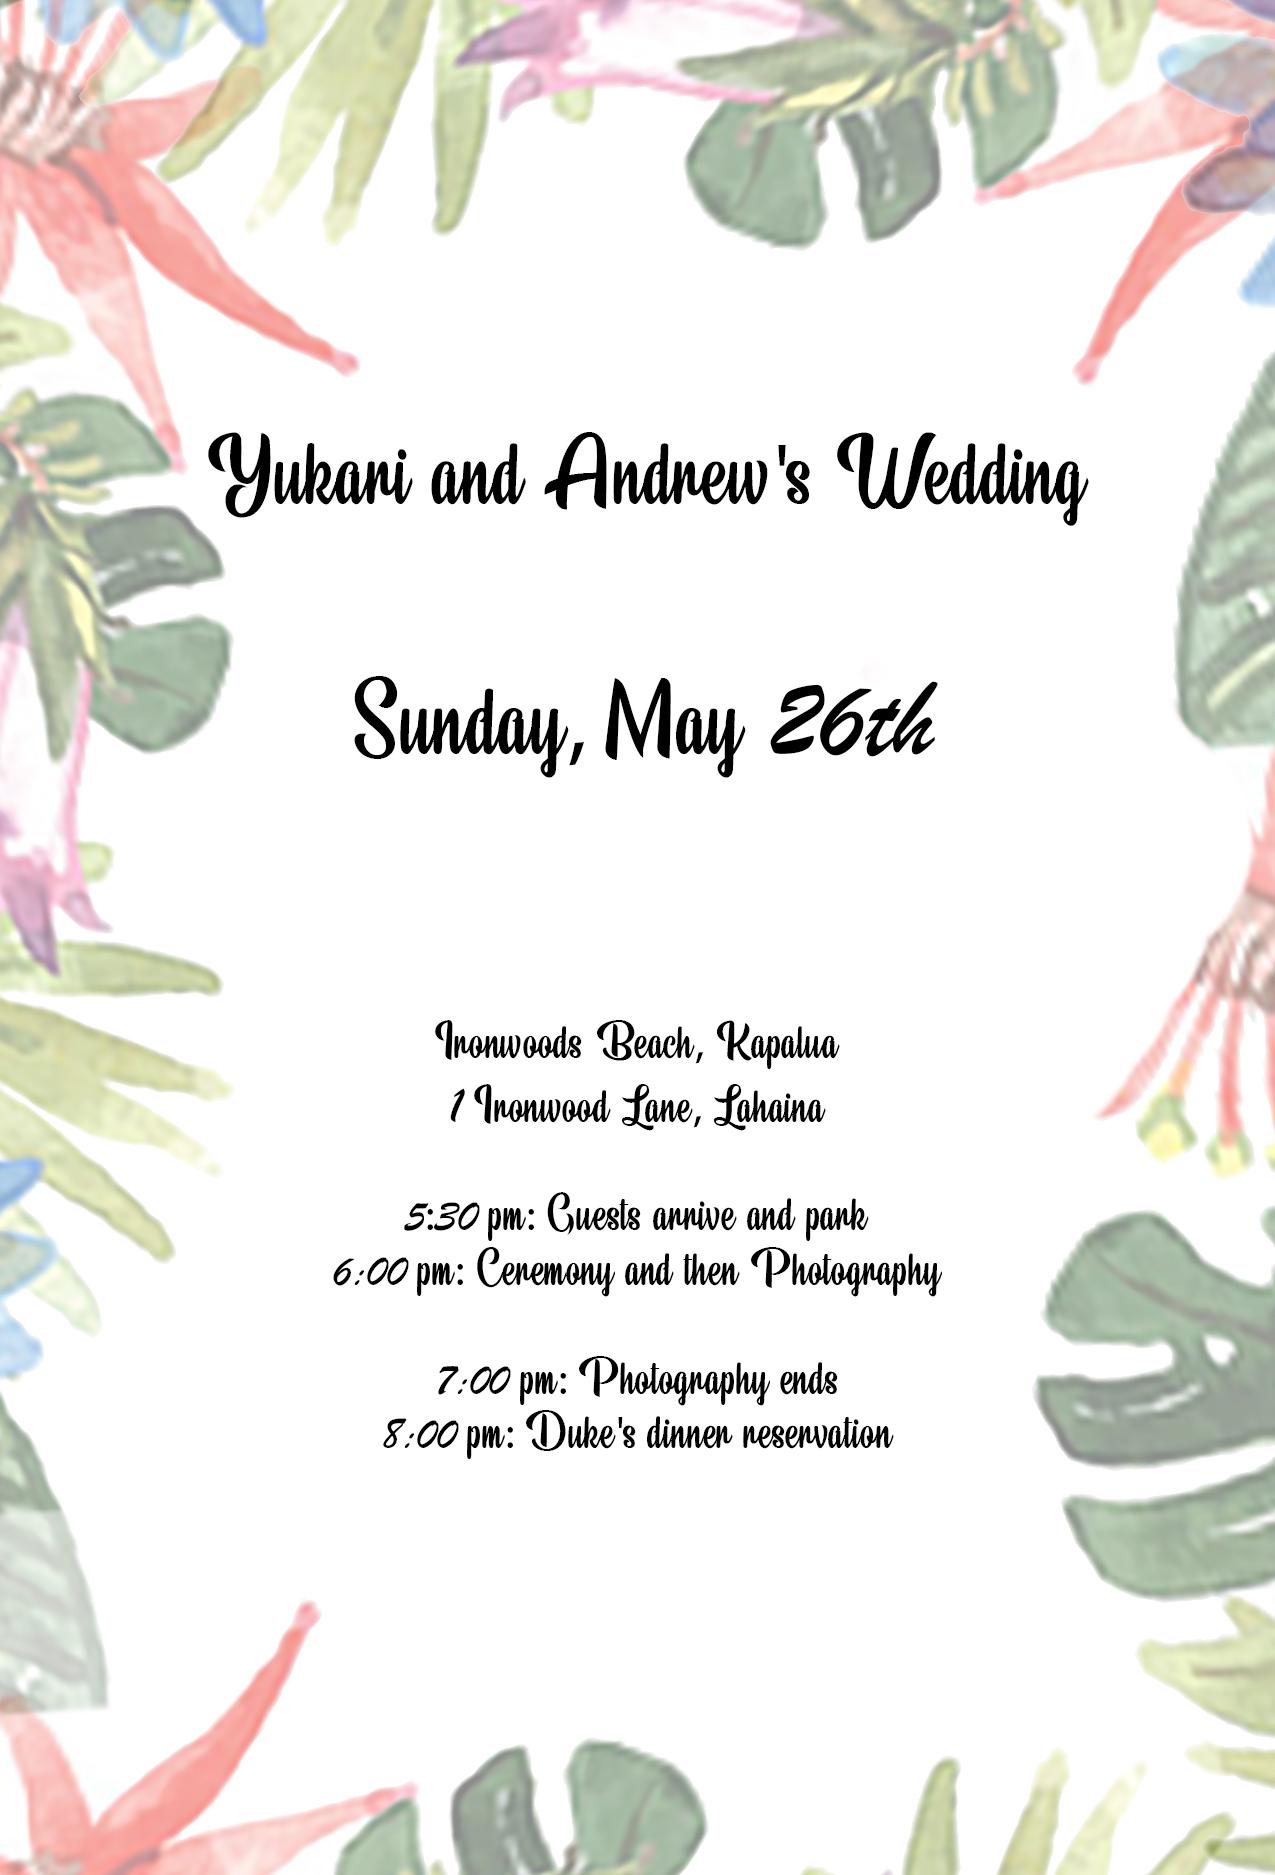 WEDDING_NOTICE_V2.jpg